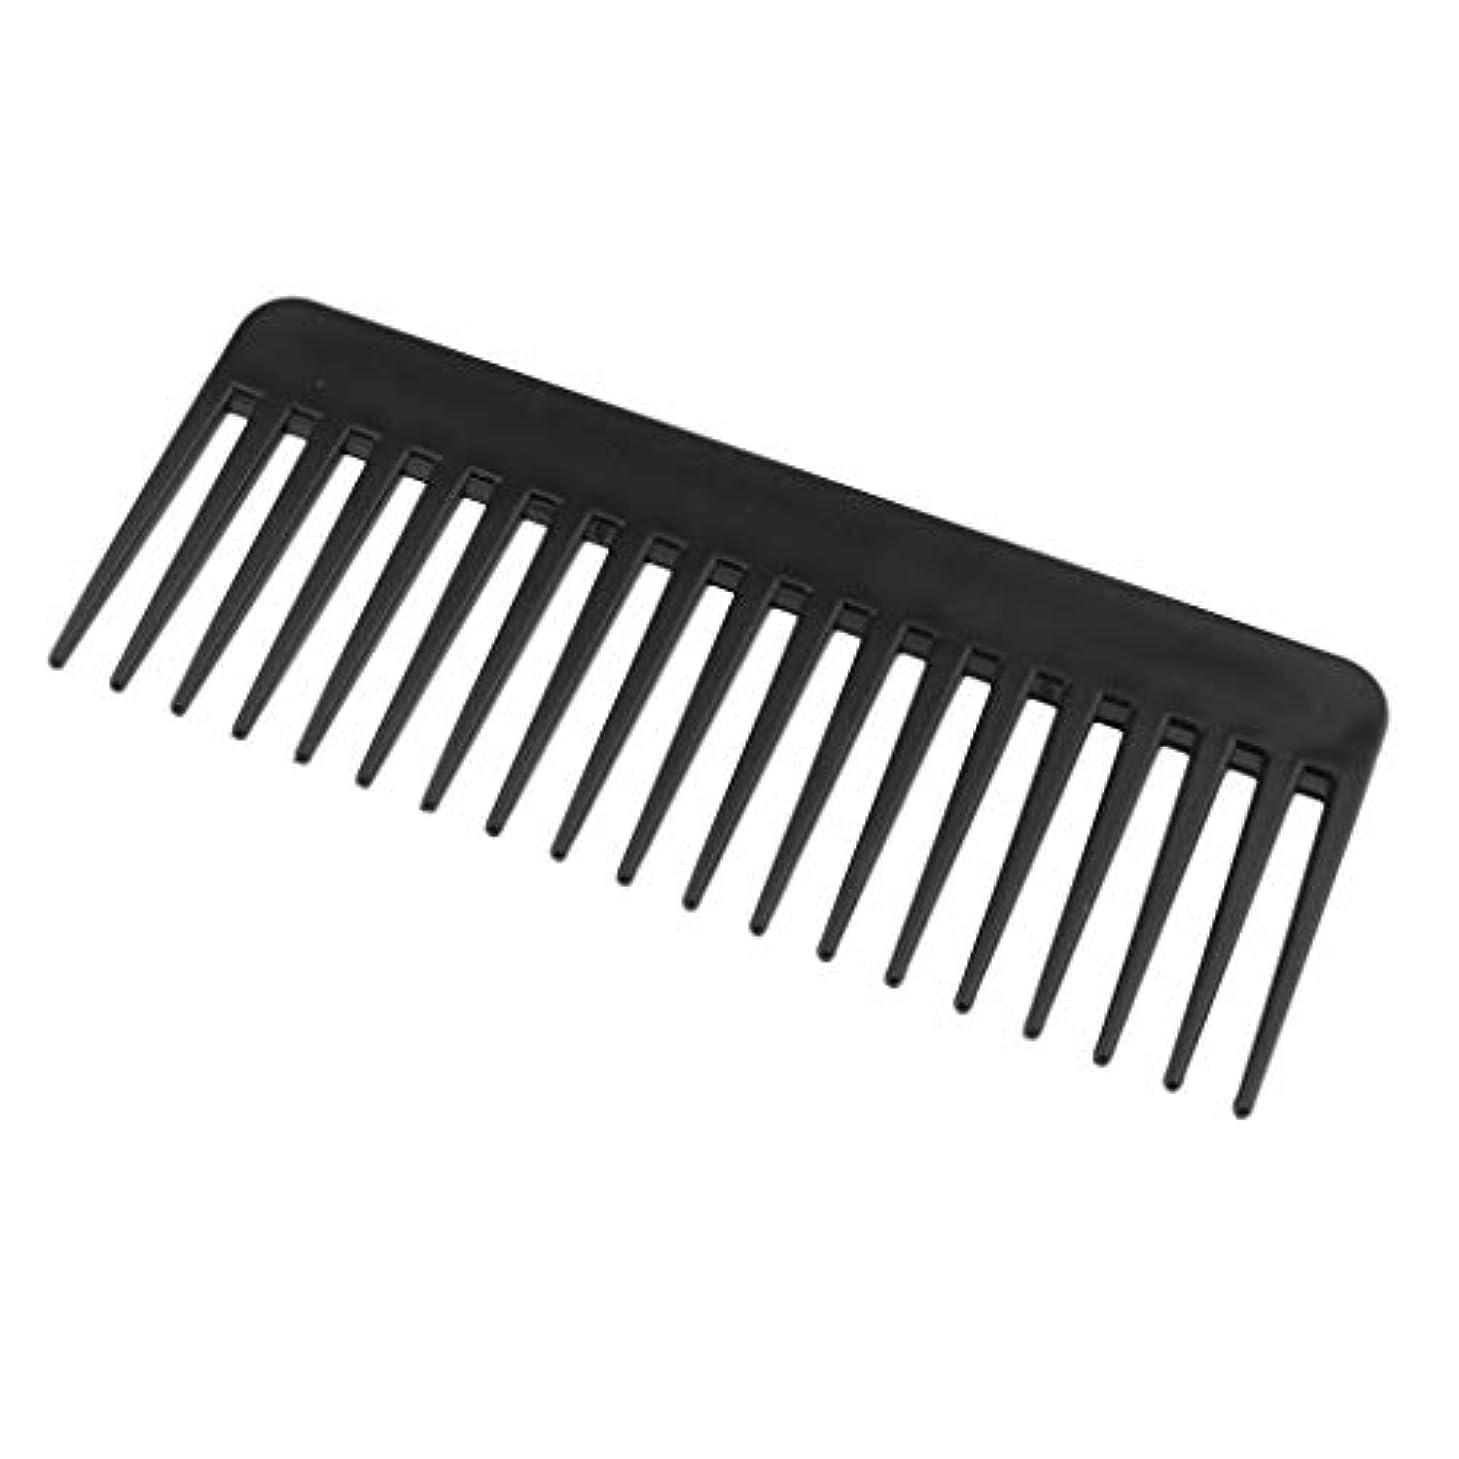 マーキー想像力豊かな指導するF Fityle 帯電防止くし プラスチック製 ヘアブラシ 丈夫 3色選べ - ブラック